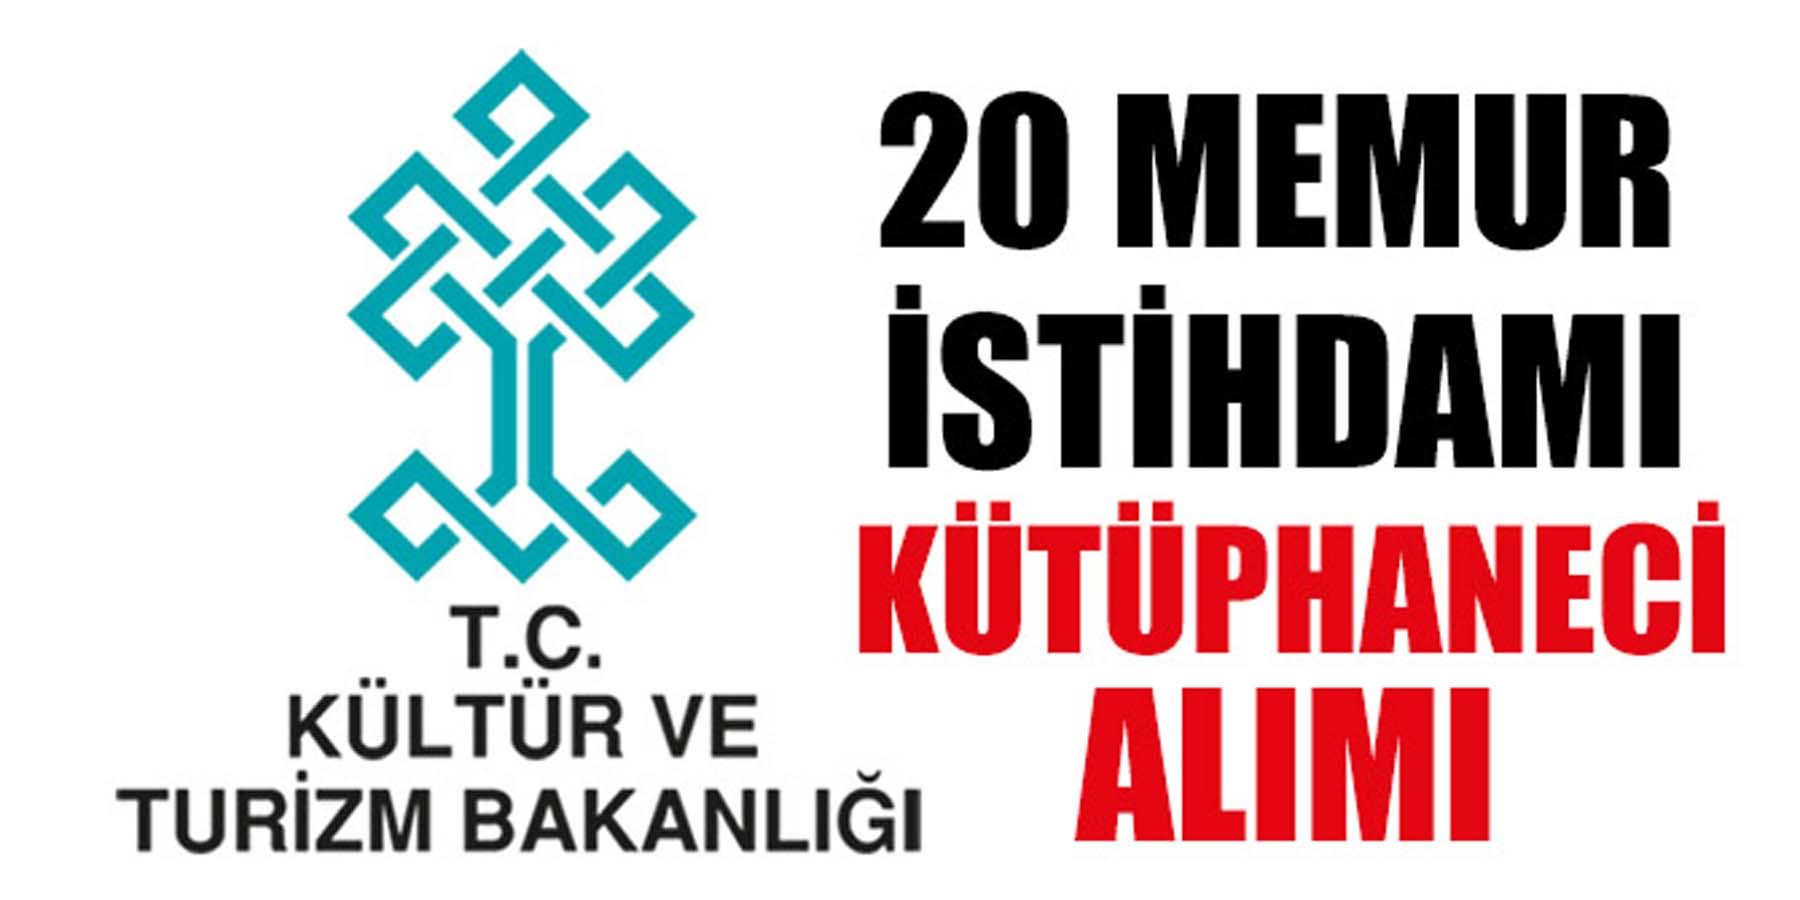 Kültür ve Turizm Bakanlığı (Kütüphaneci) 20 Memur İstihdamı